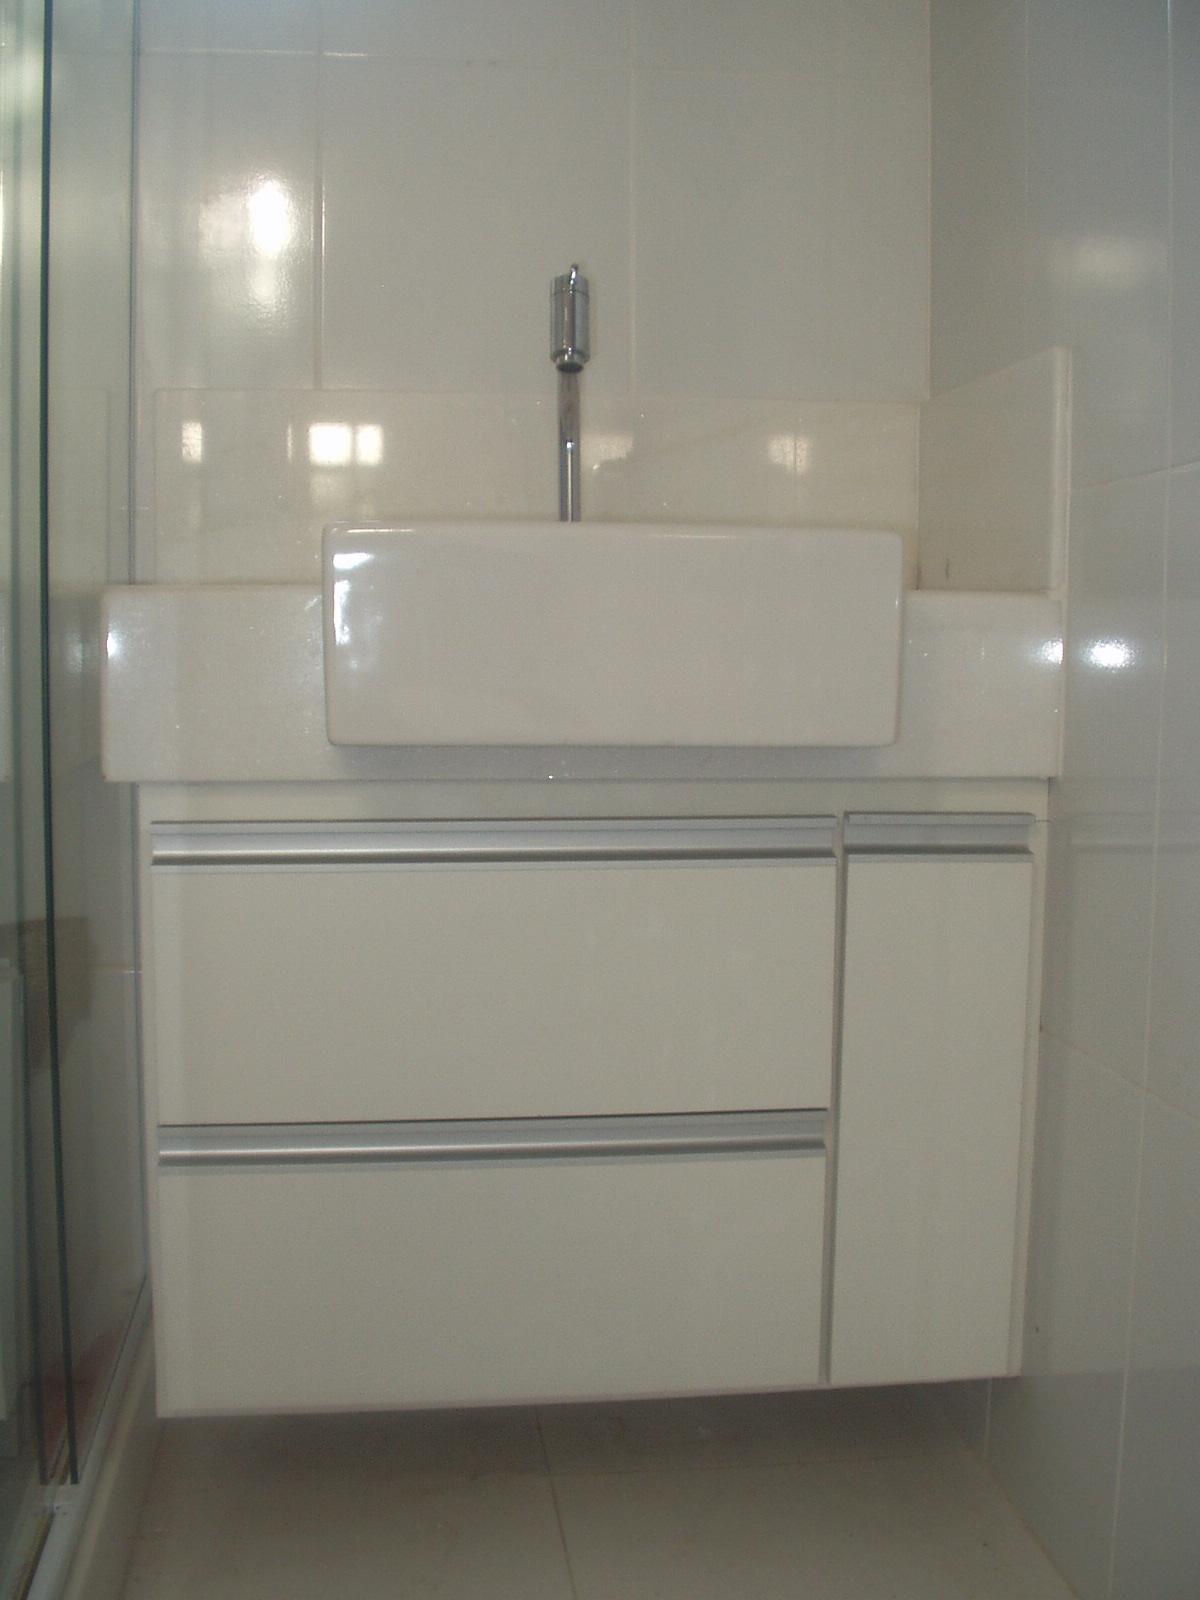 NEP DECORAÇOÊS: Armário de Banheiro em MDF #4C6162 1200 1600